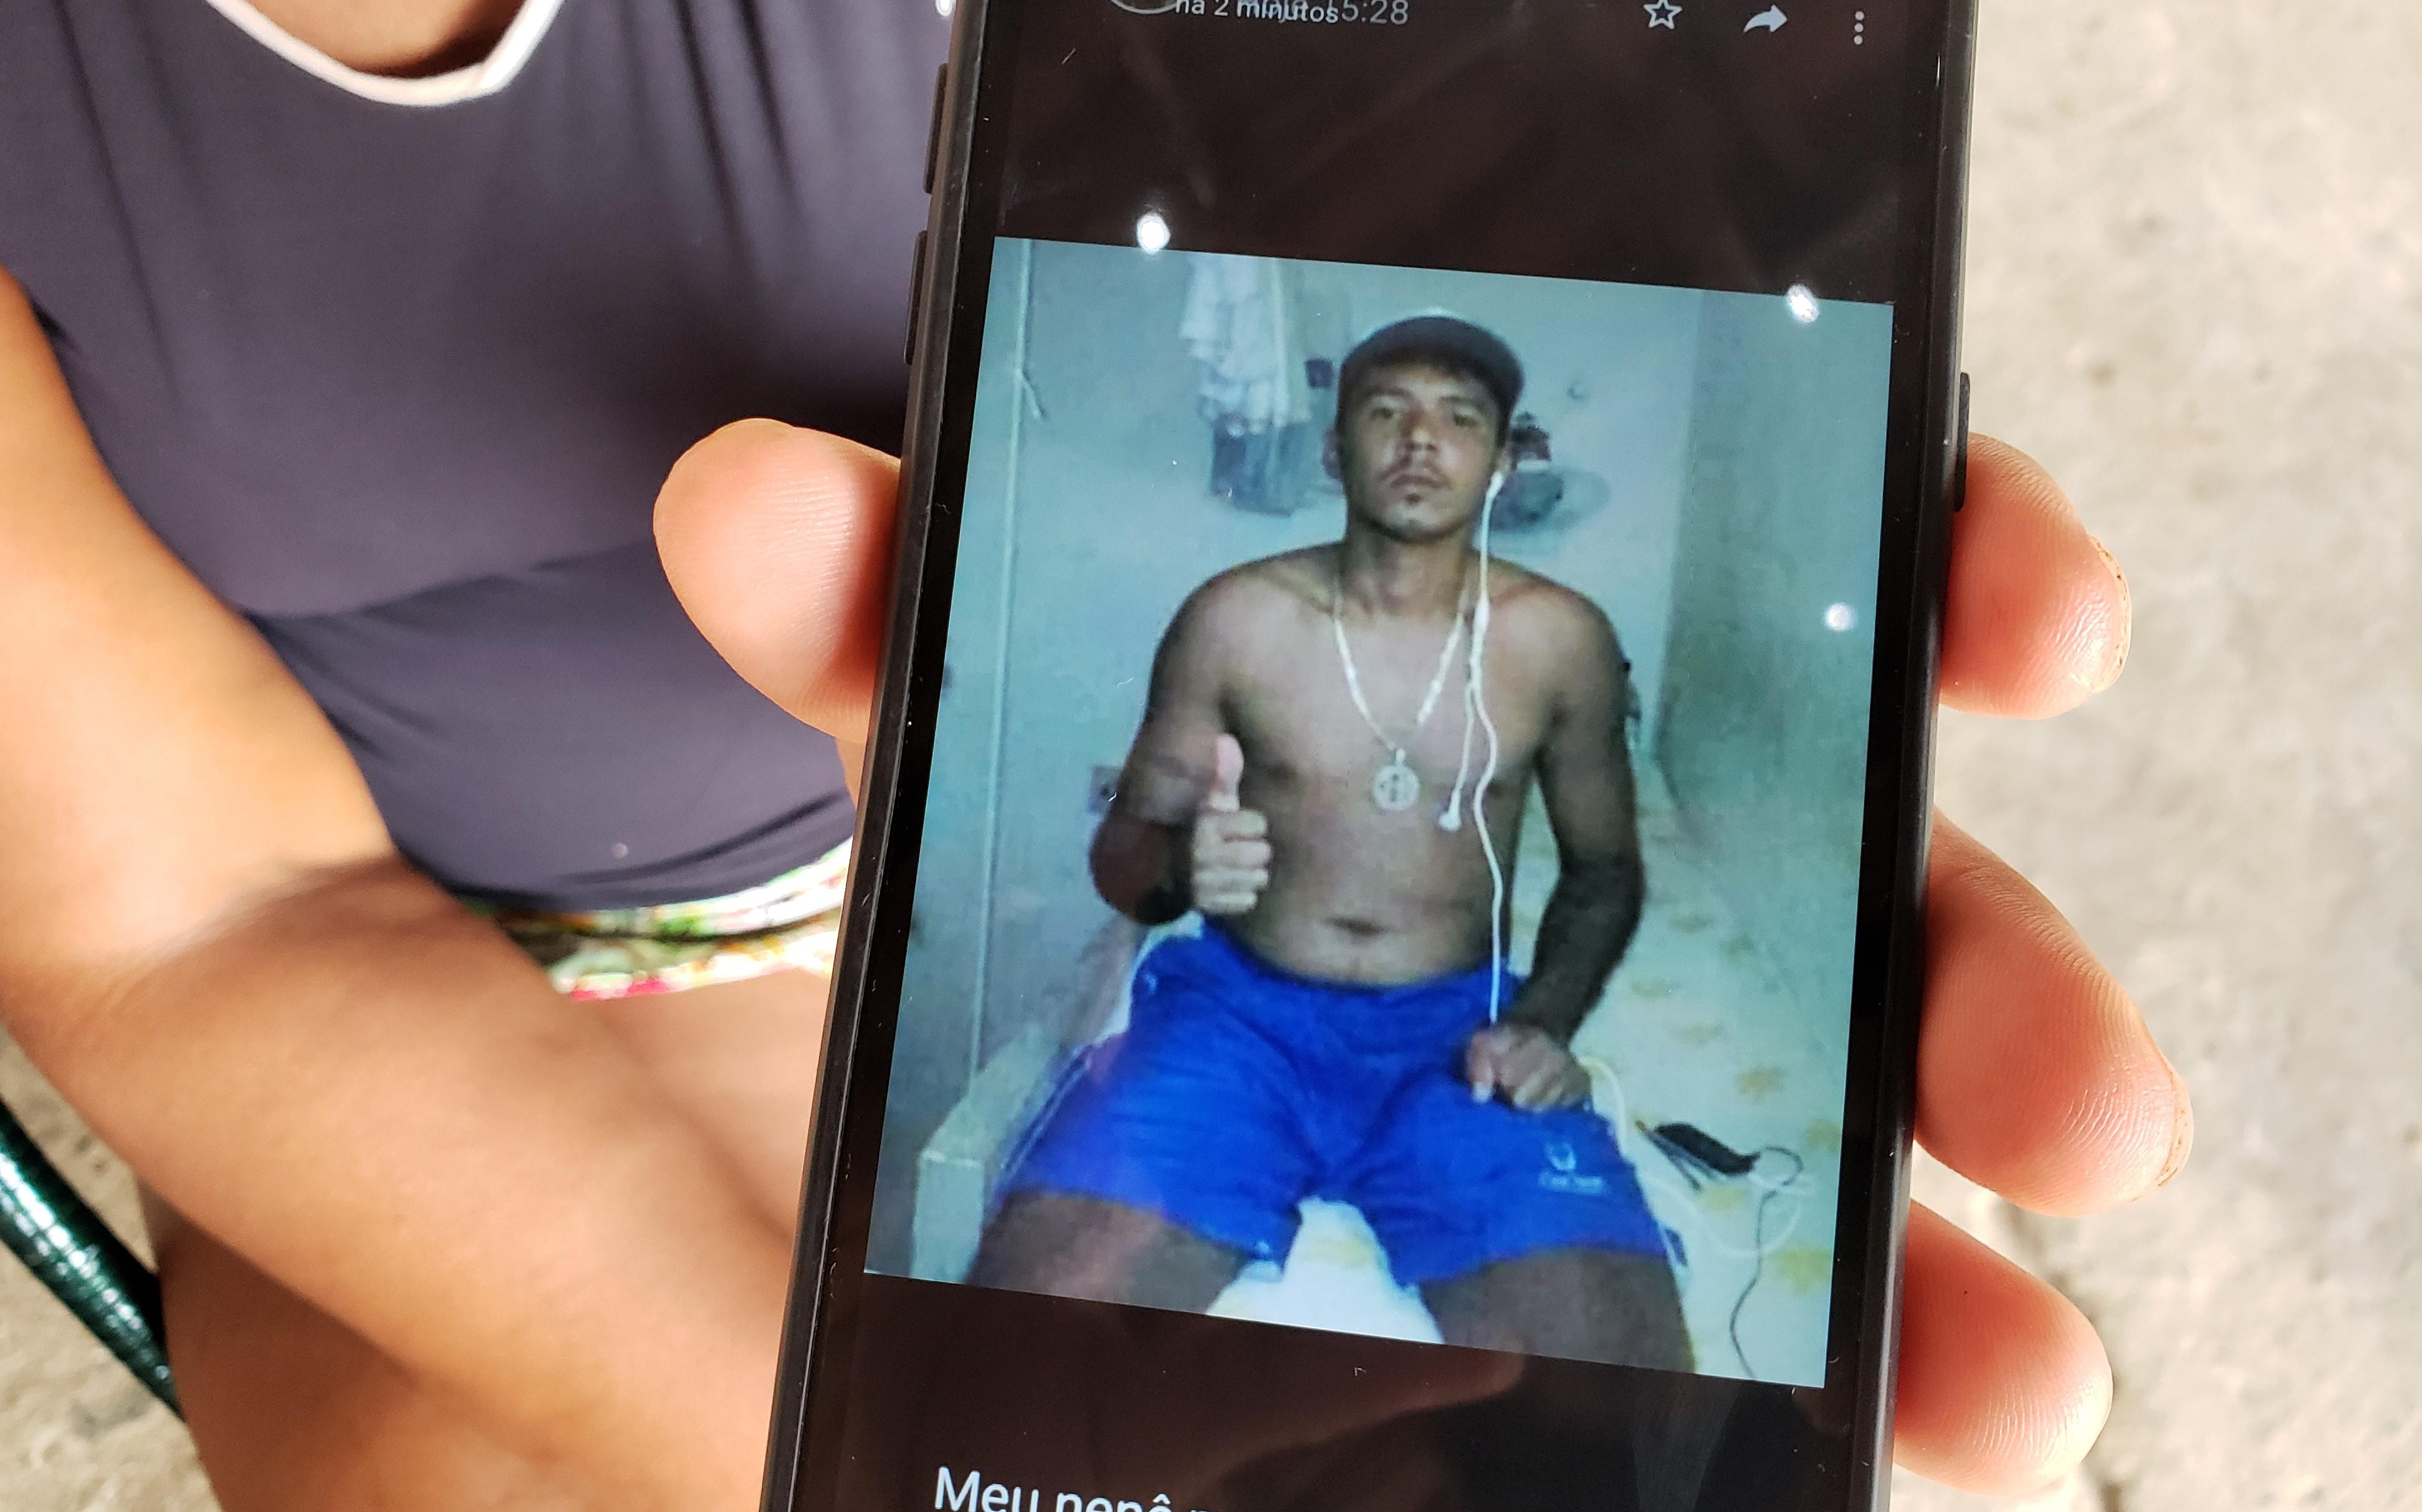 Se estivesse vivo, Carlos completaria 27 anos em abril. Foto: Bruno Vital/Agora RN